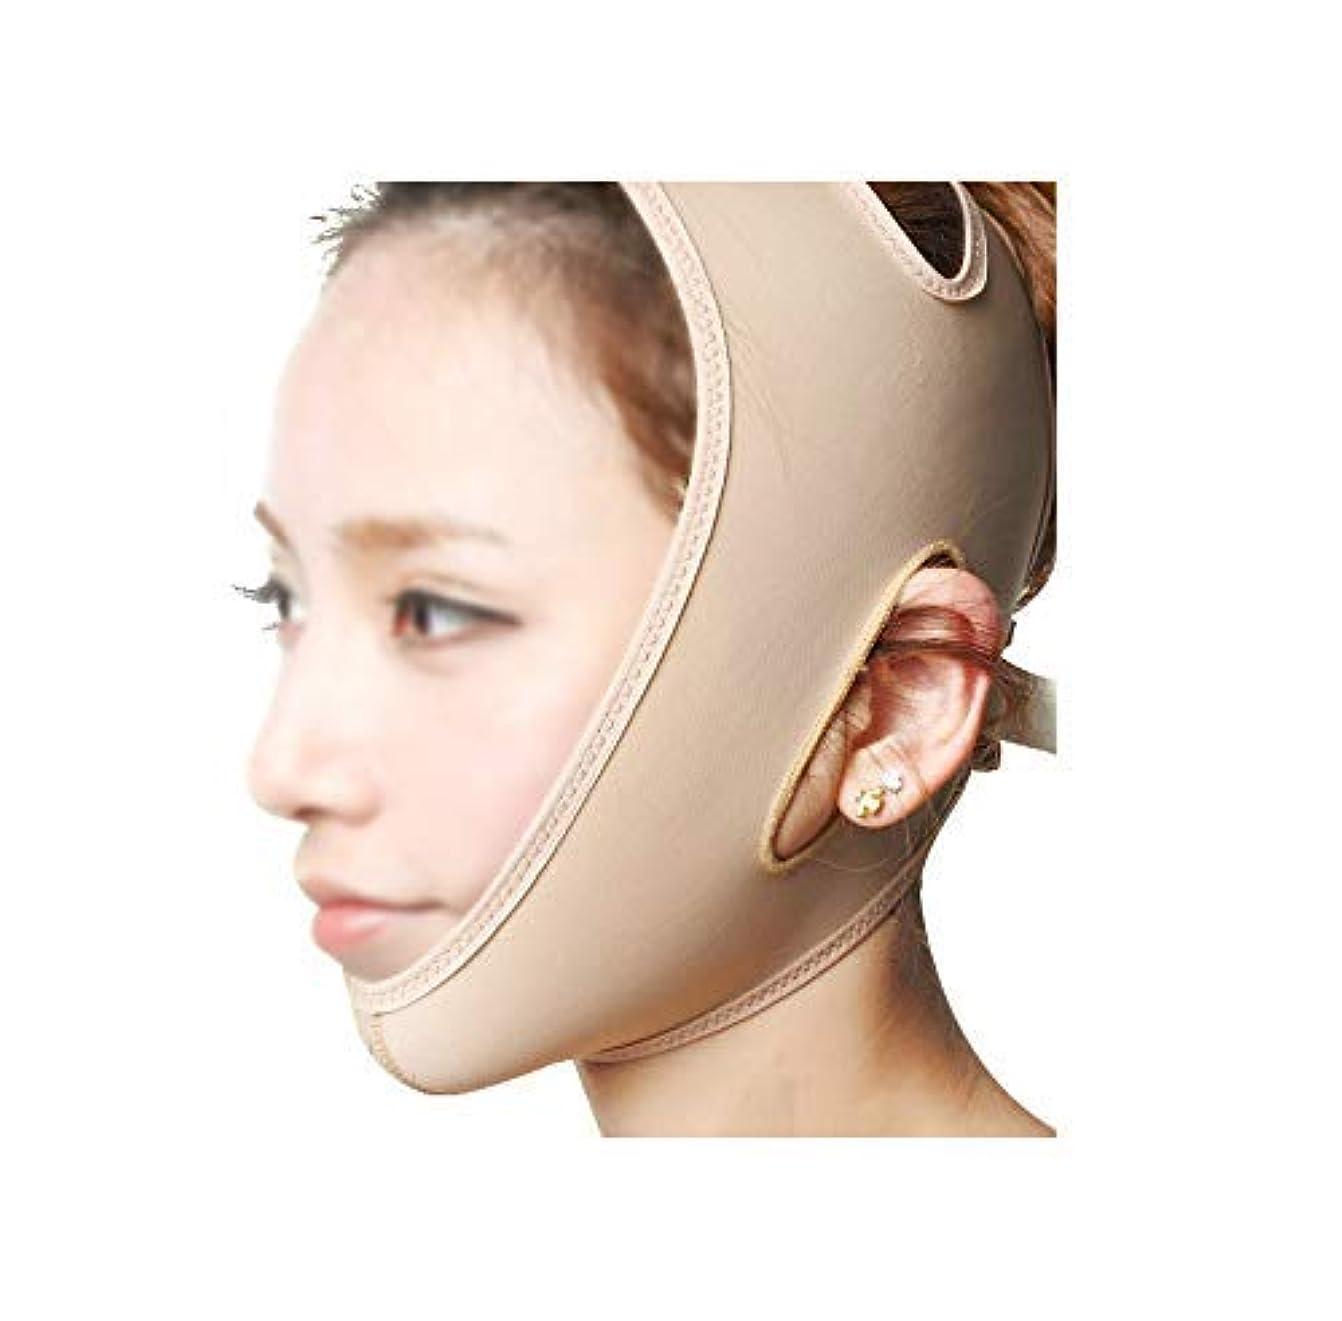 巧みな大宇宙郵便局フェイスリフティングバンデージ、フェイスマスク3Dパネルデザイン、通気性に優れたライクラ素材の物理的なVフェイス、美しい顔の輪郭の作成(サイズ:S),ザ?